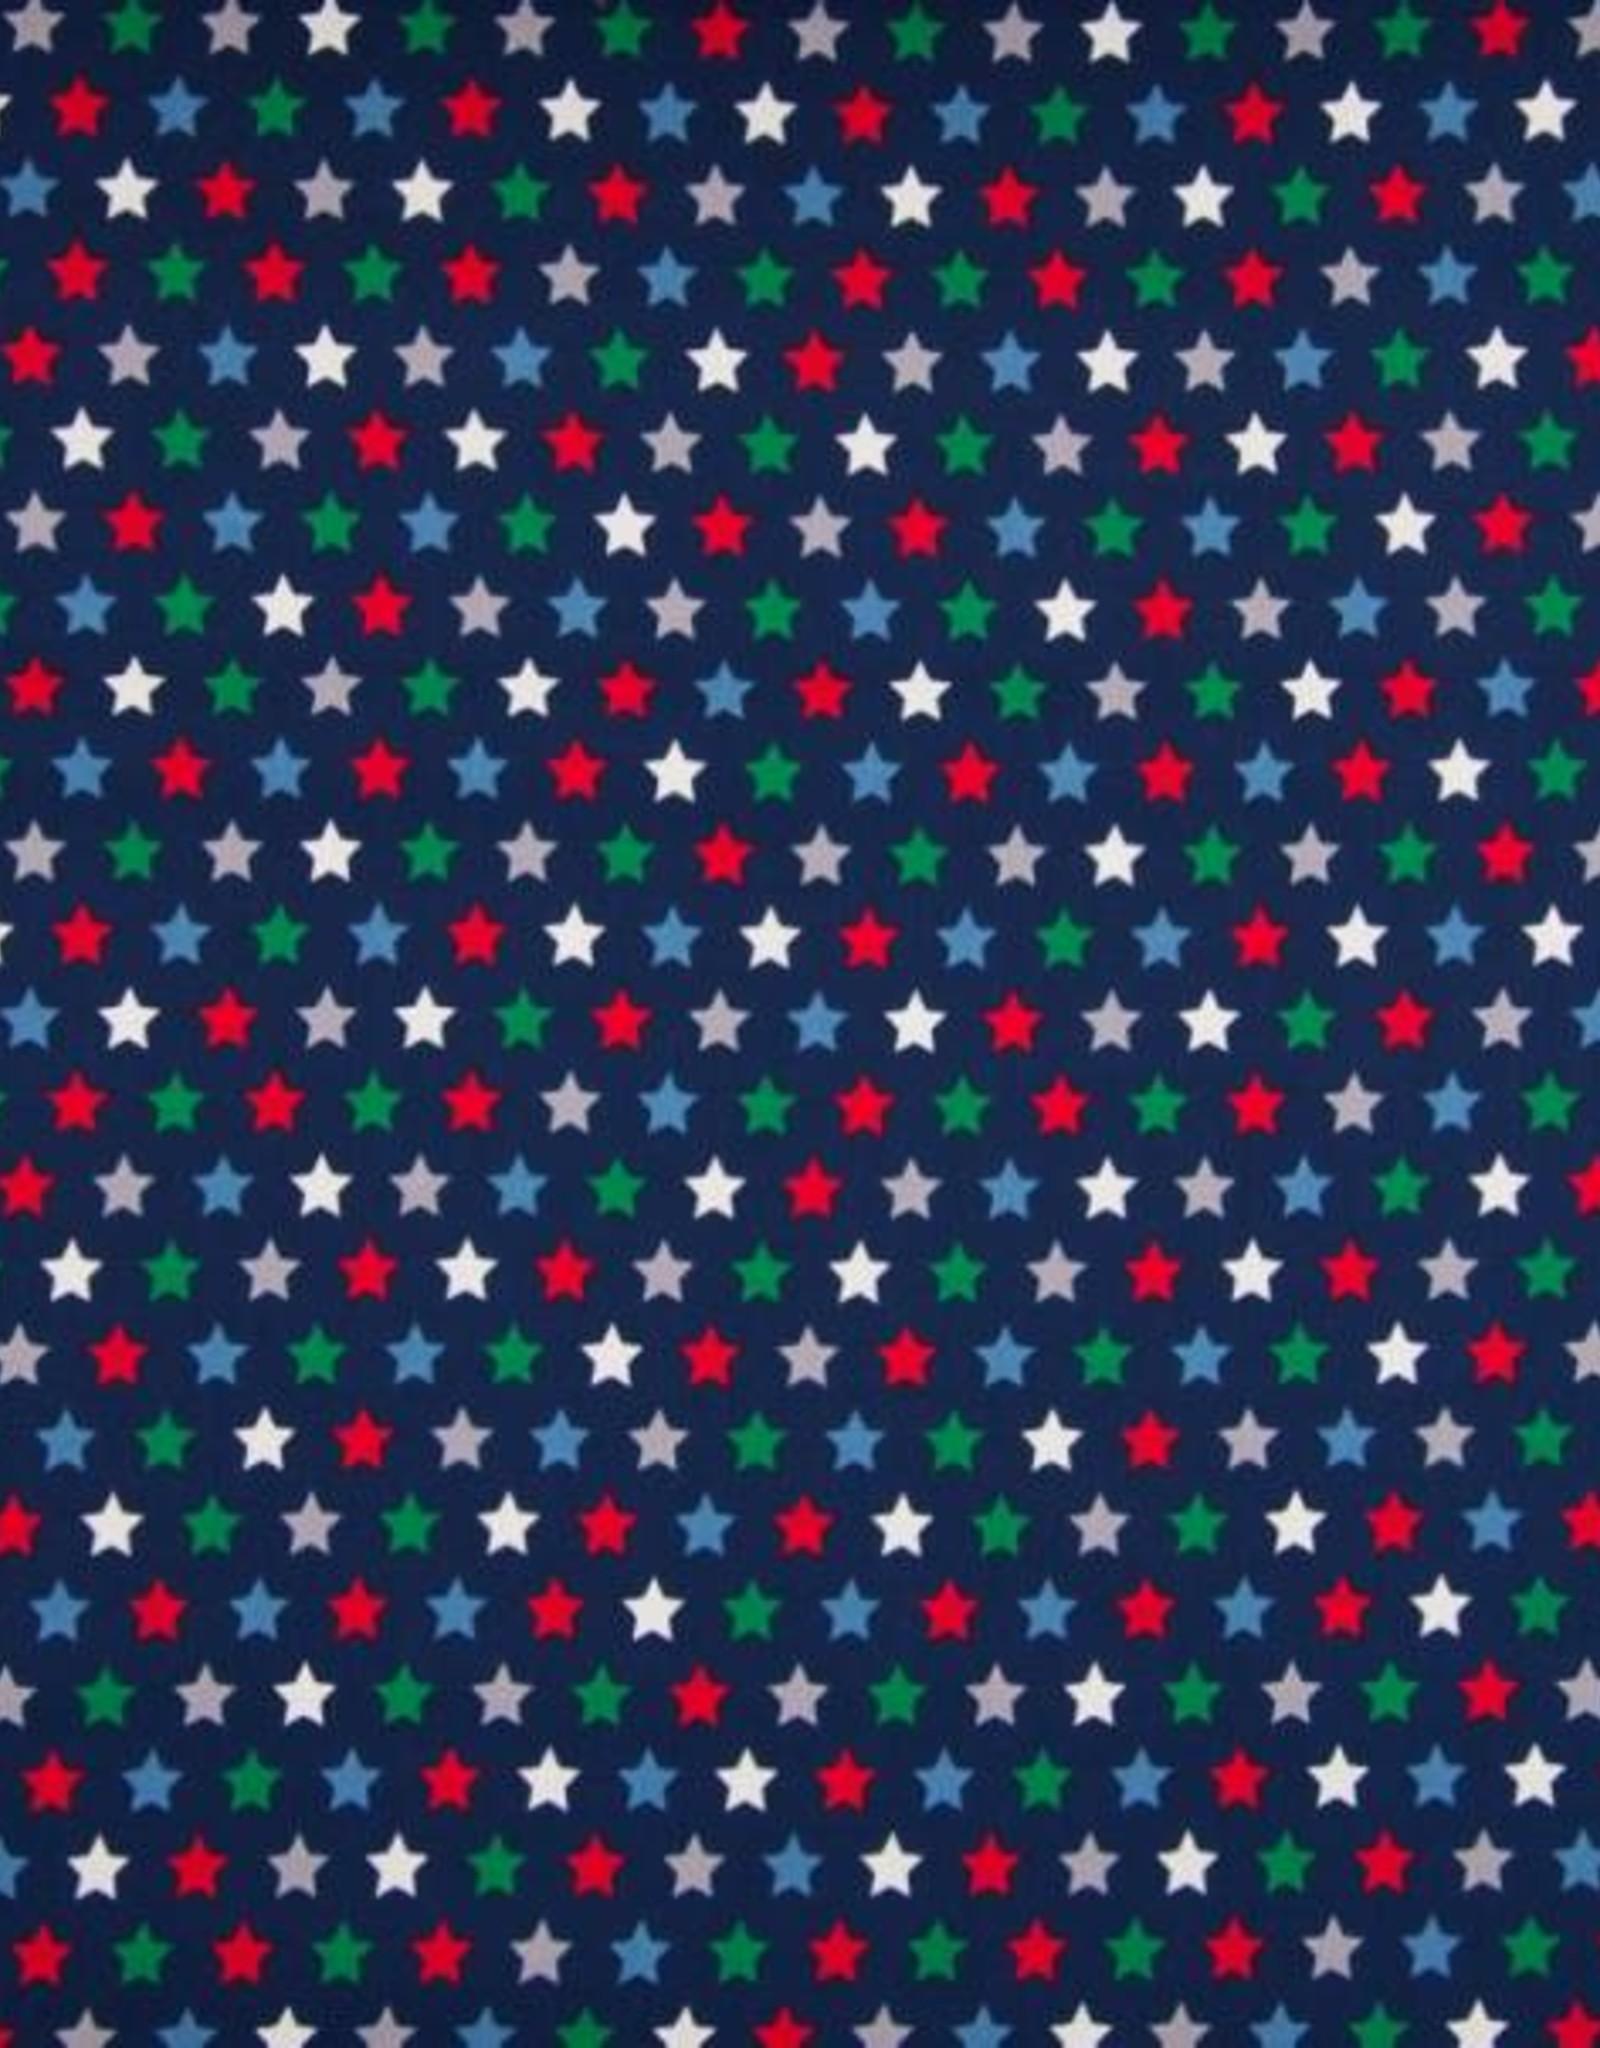 *Poplin Stars navy